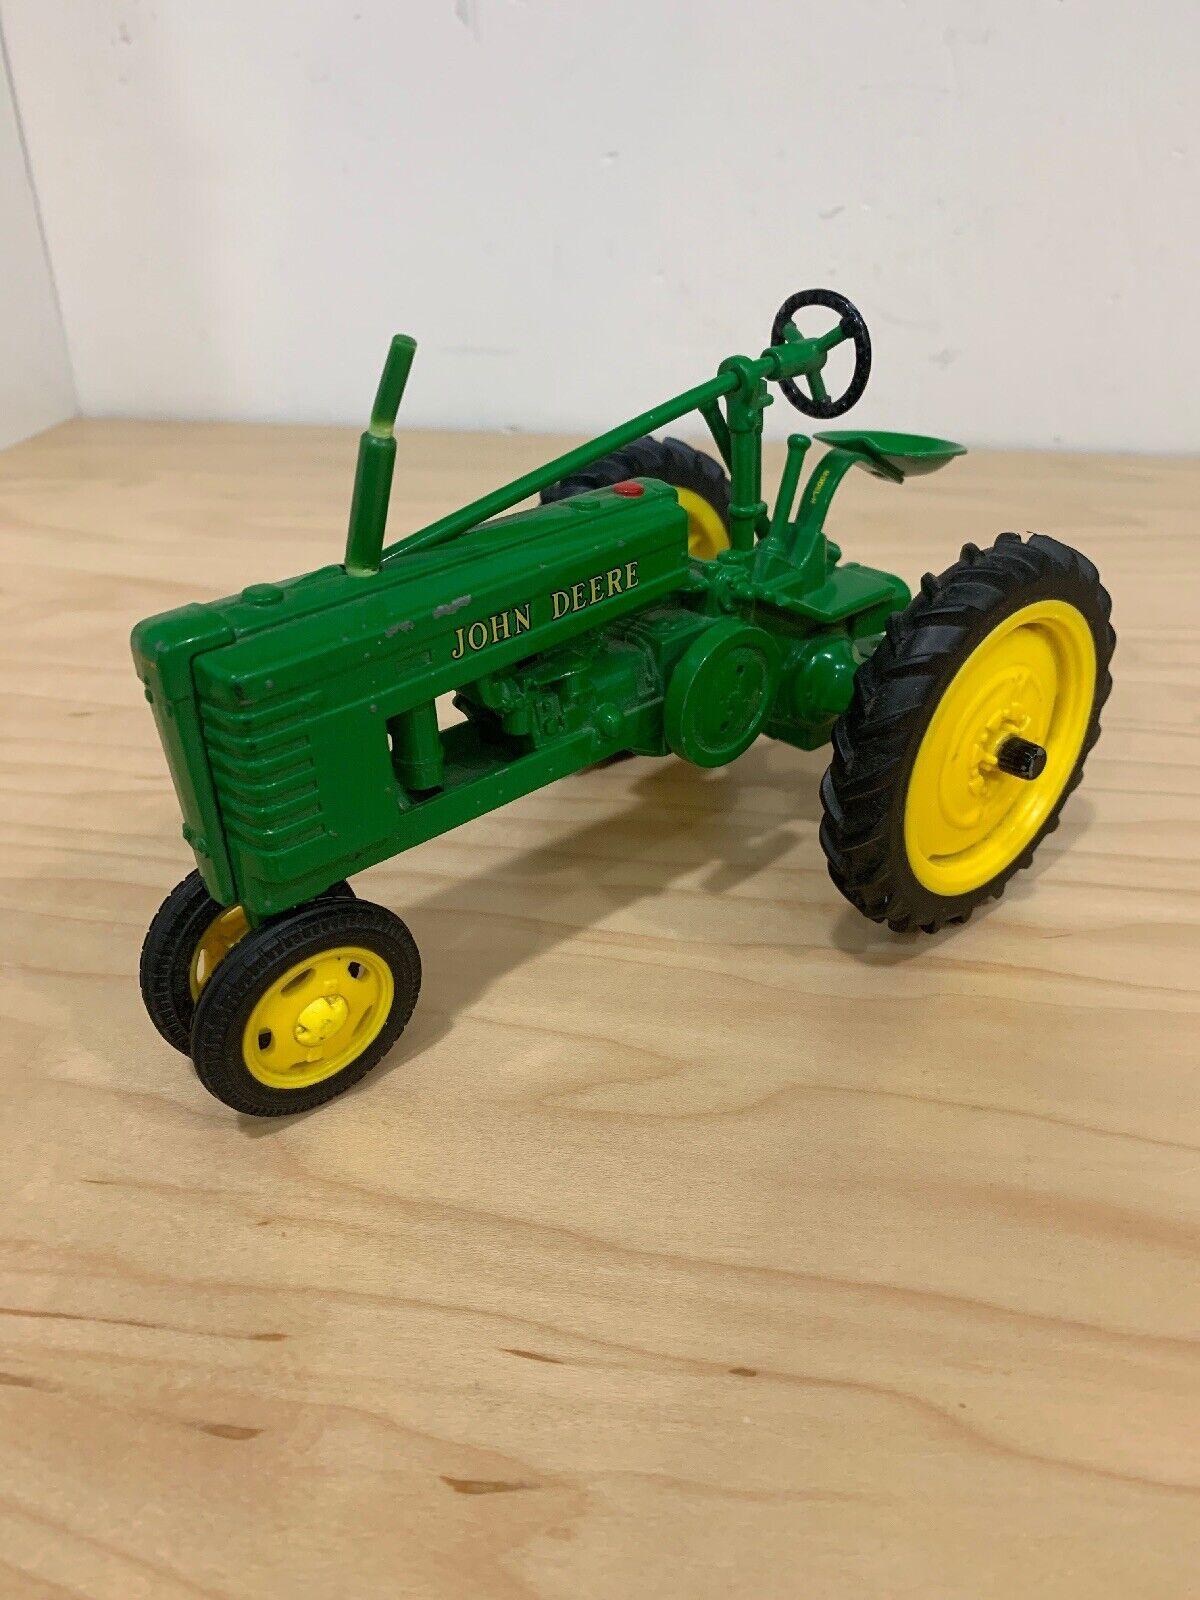 Jahr John Deere Die Cast Metal Tractor Modell H 7.5'' Long